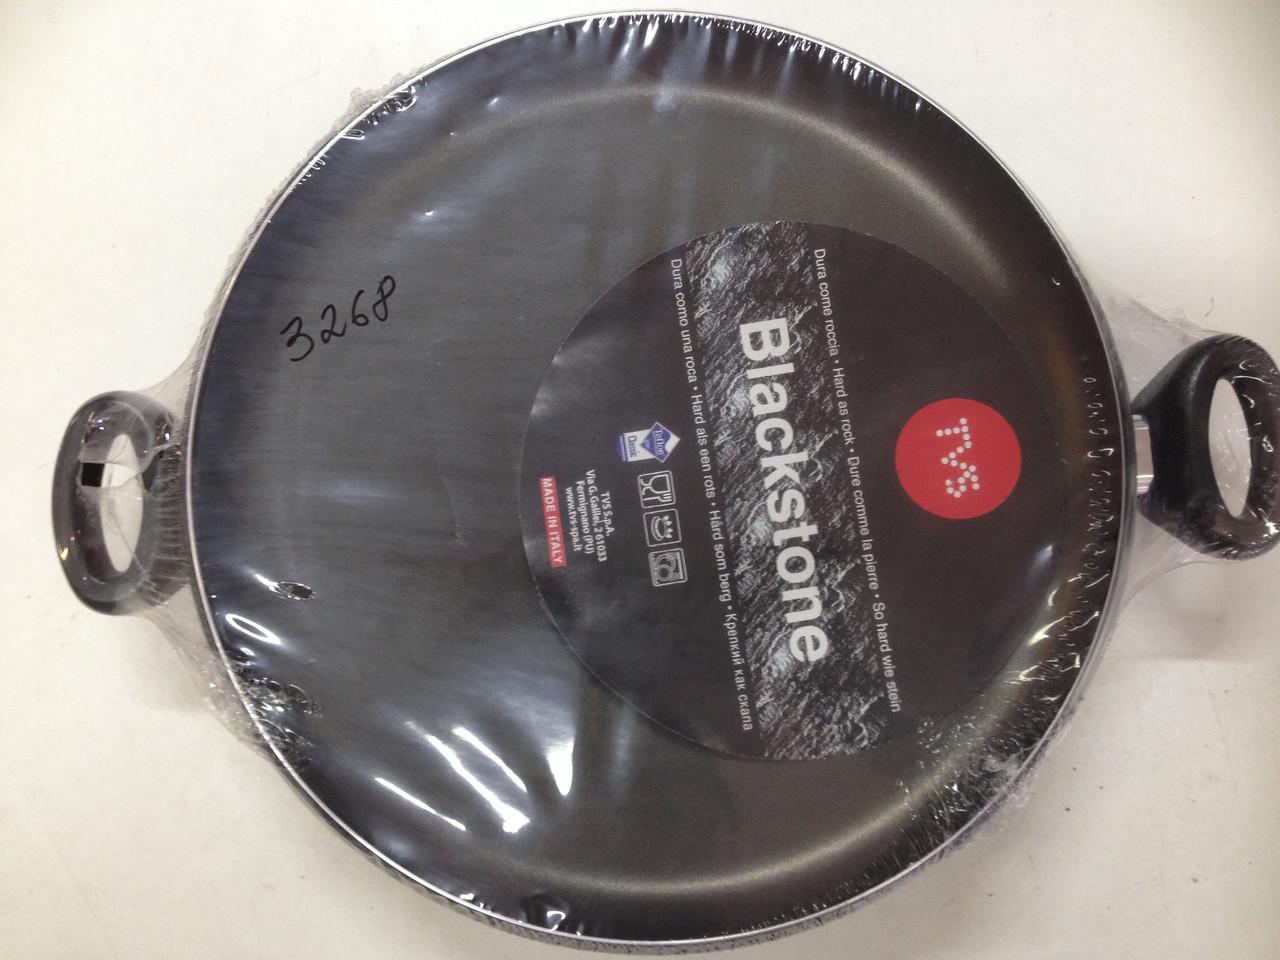 Сотейник Blackstone-3268 30 см.